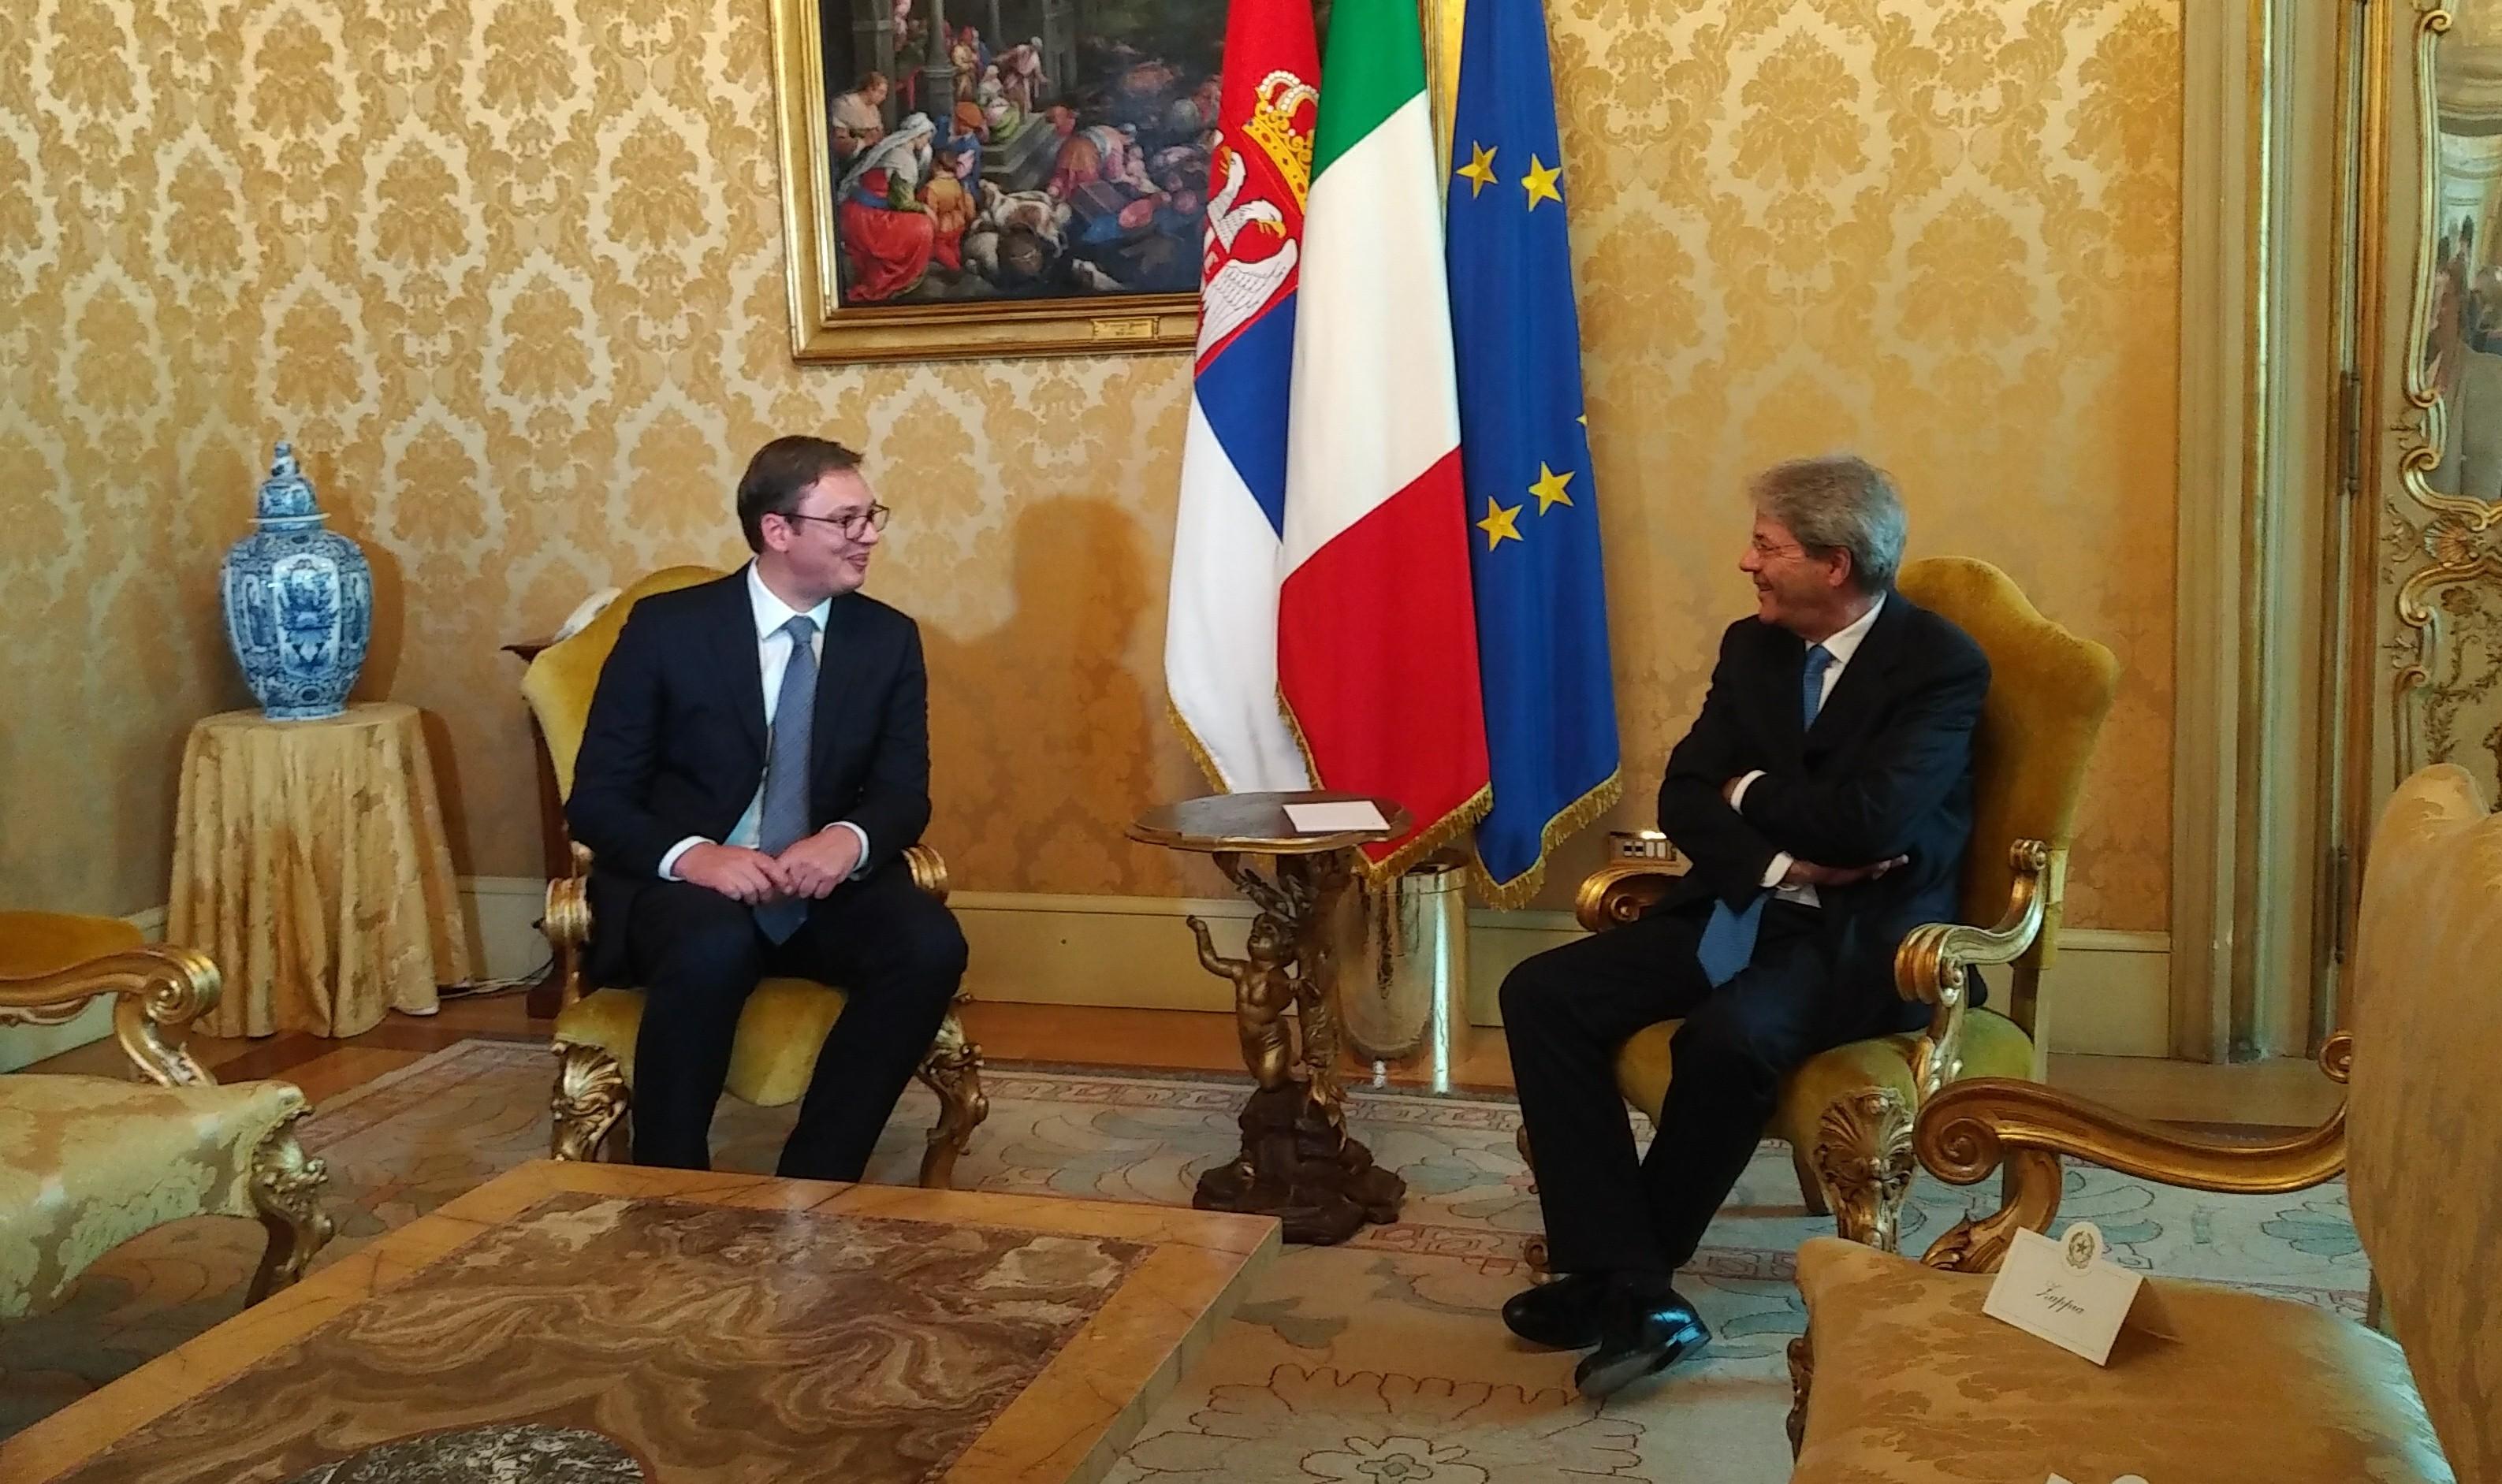 Vučić boravi u jednodnevnoj poseti Italiji